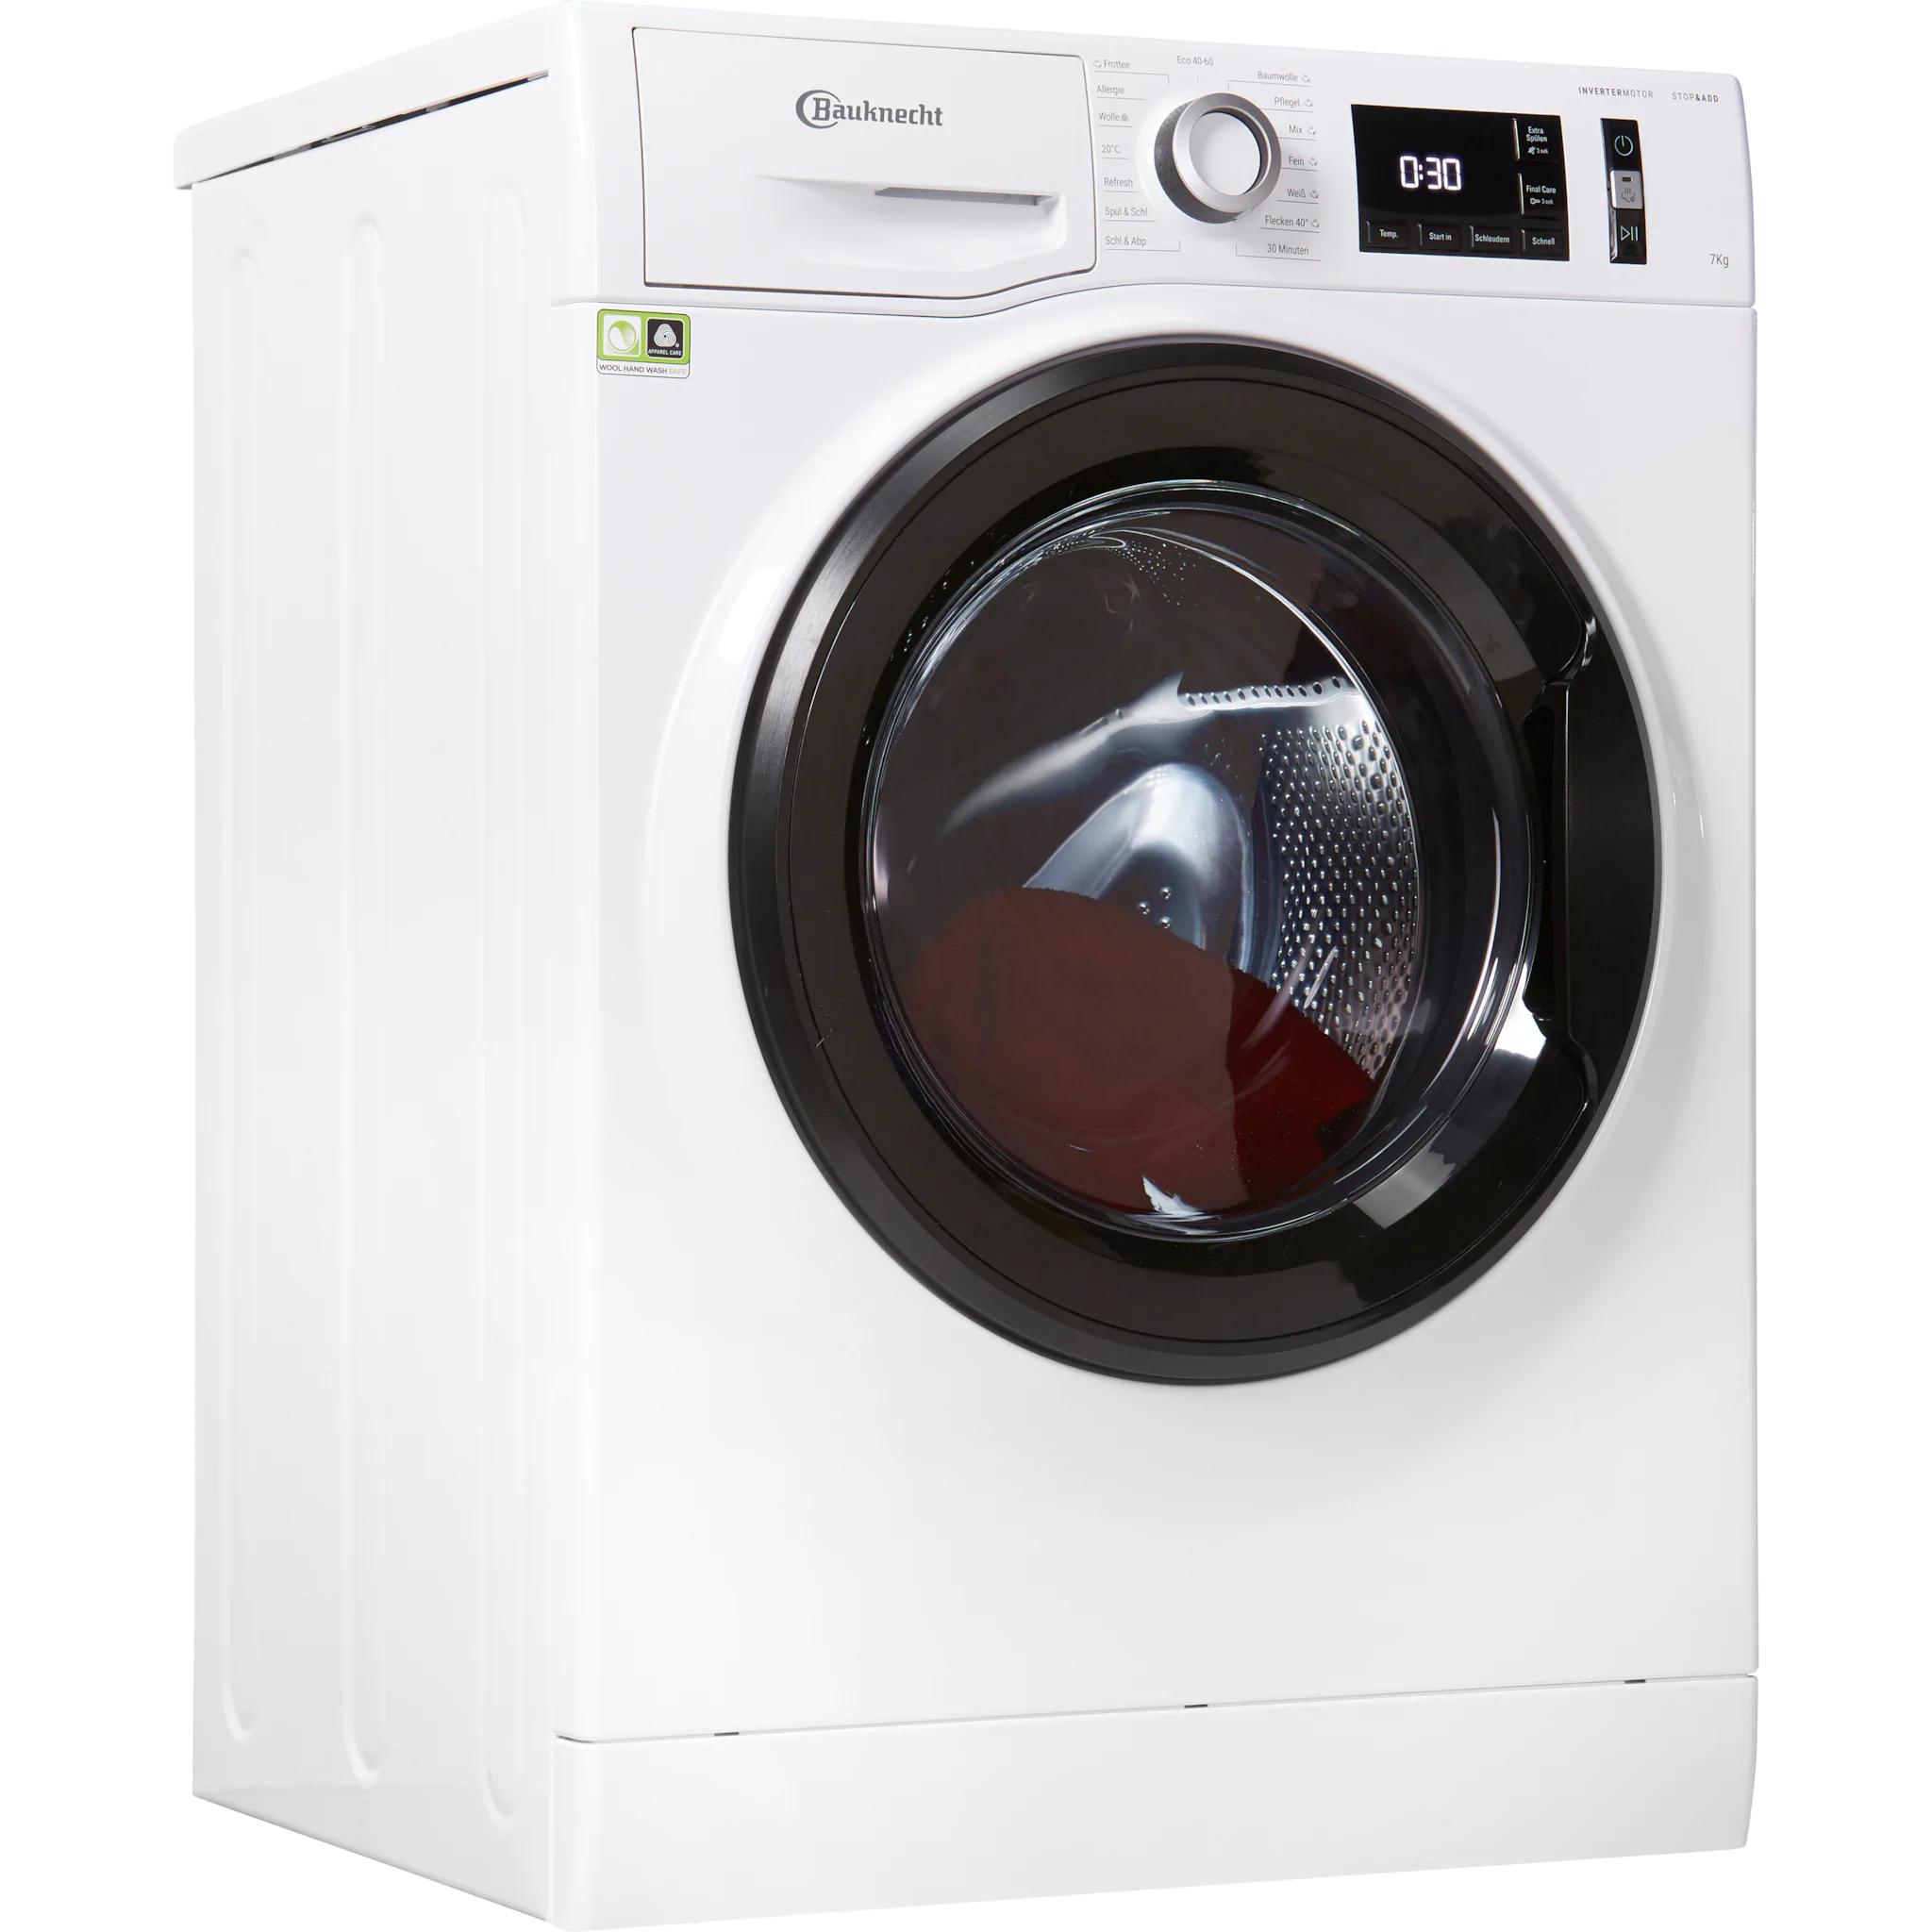 BAUKNECHT Waschmaschine W Active 712C 7kg mit Invertermotor, Dampfreinigung, Mengenautomatik und 4 Jahre Garantie